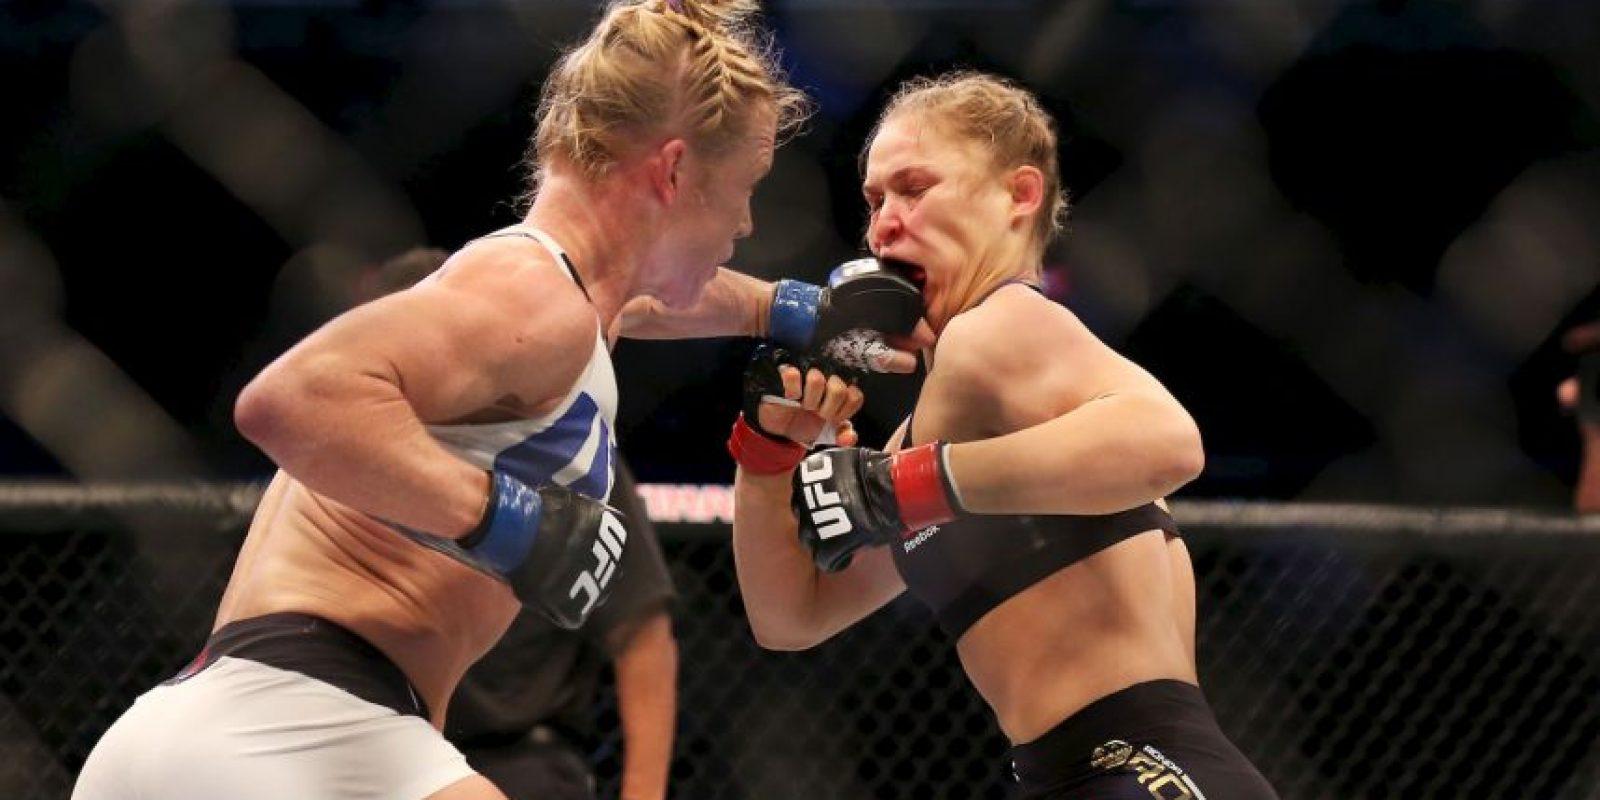 Holm incrementó su popularidad, luego de vencer a Ronda Rousey Foto:Getty Images